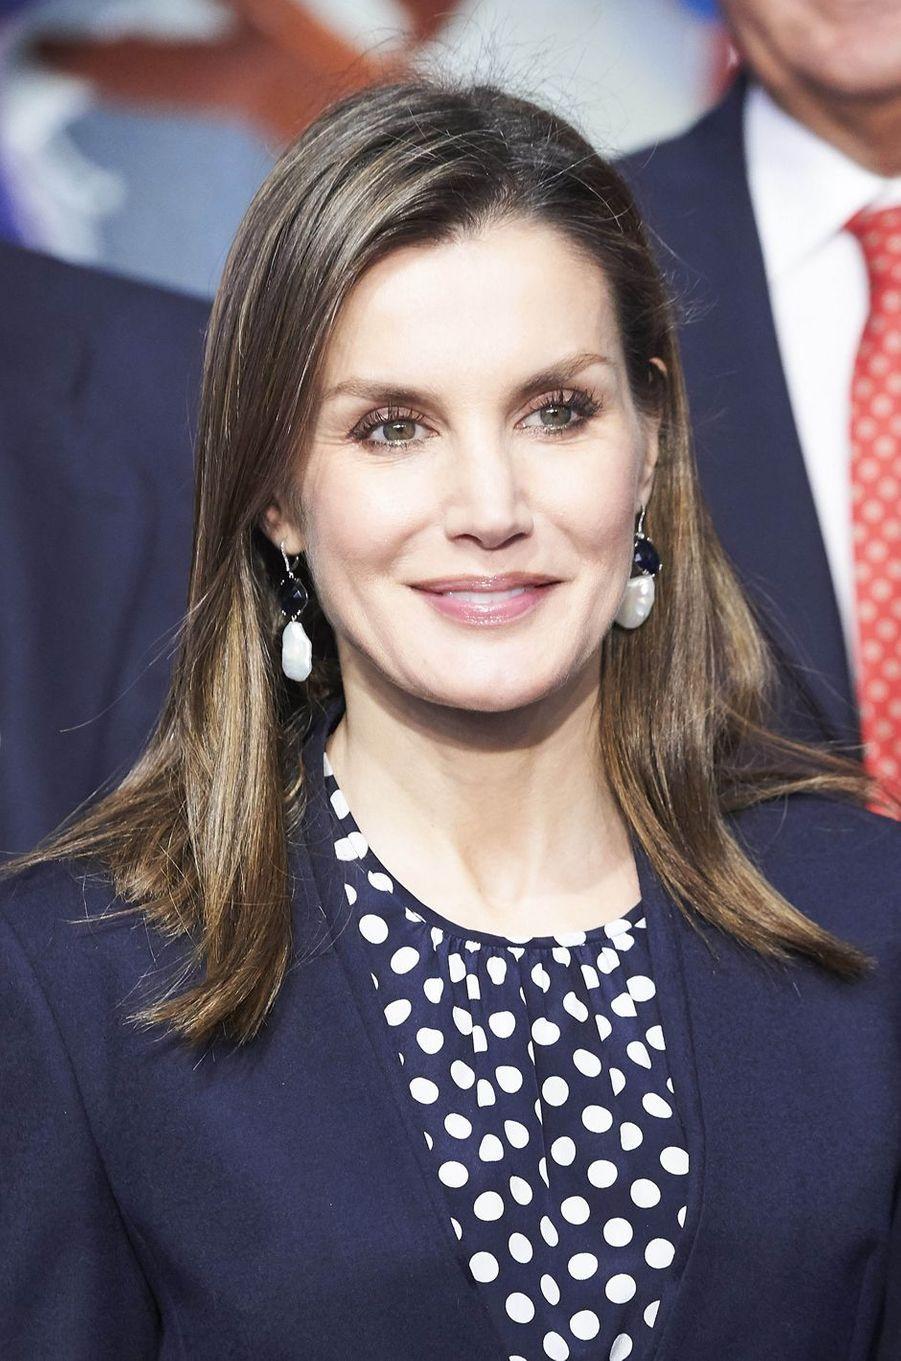 La reine Letizia d'Espagne à Malaga, le 6 février 2018